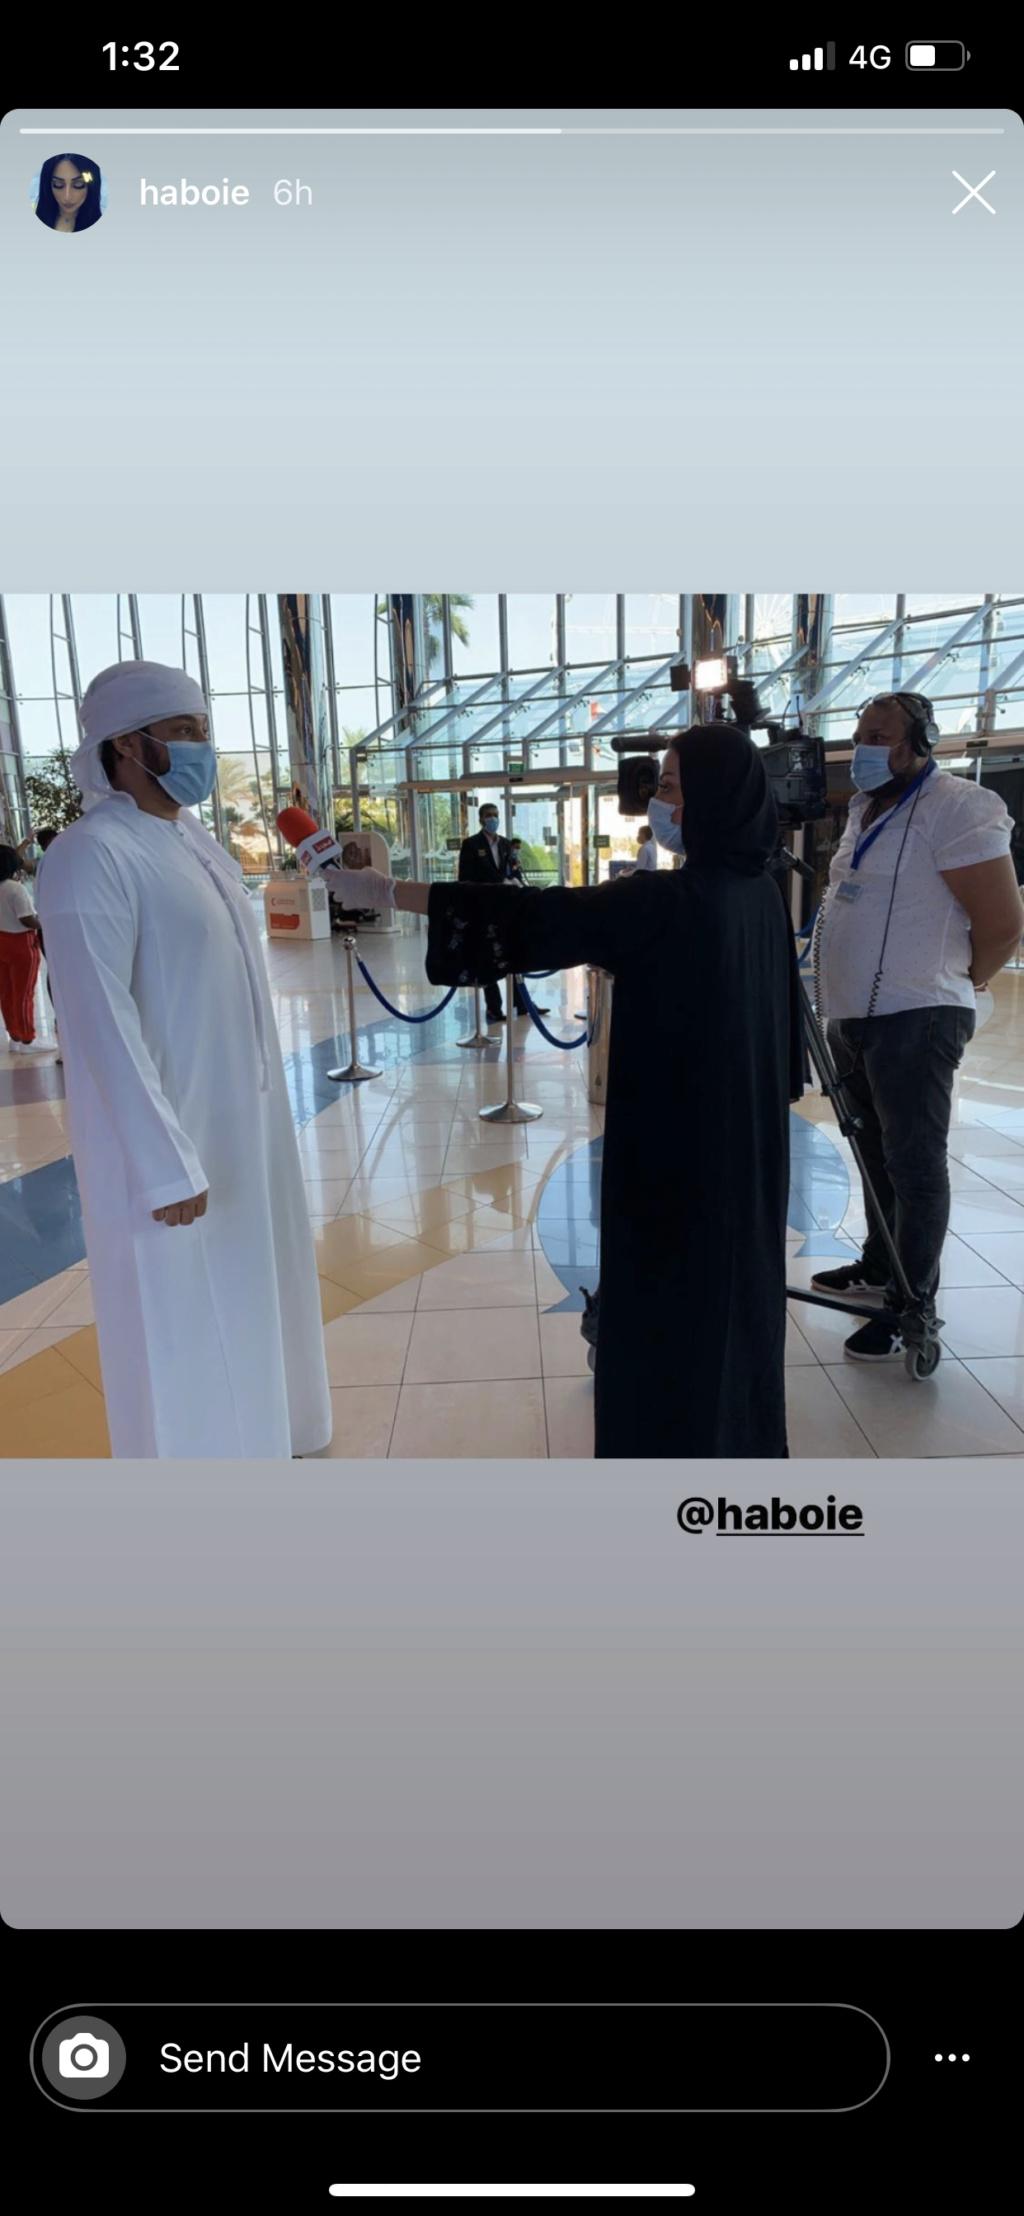 عيسى بدر الكثيري ، Eissa bader alkatheeri مدرب حياة ، كاتب، A life coach 17e0cb10